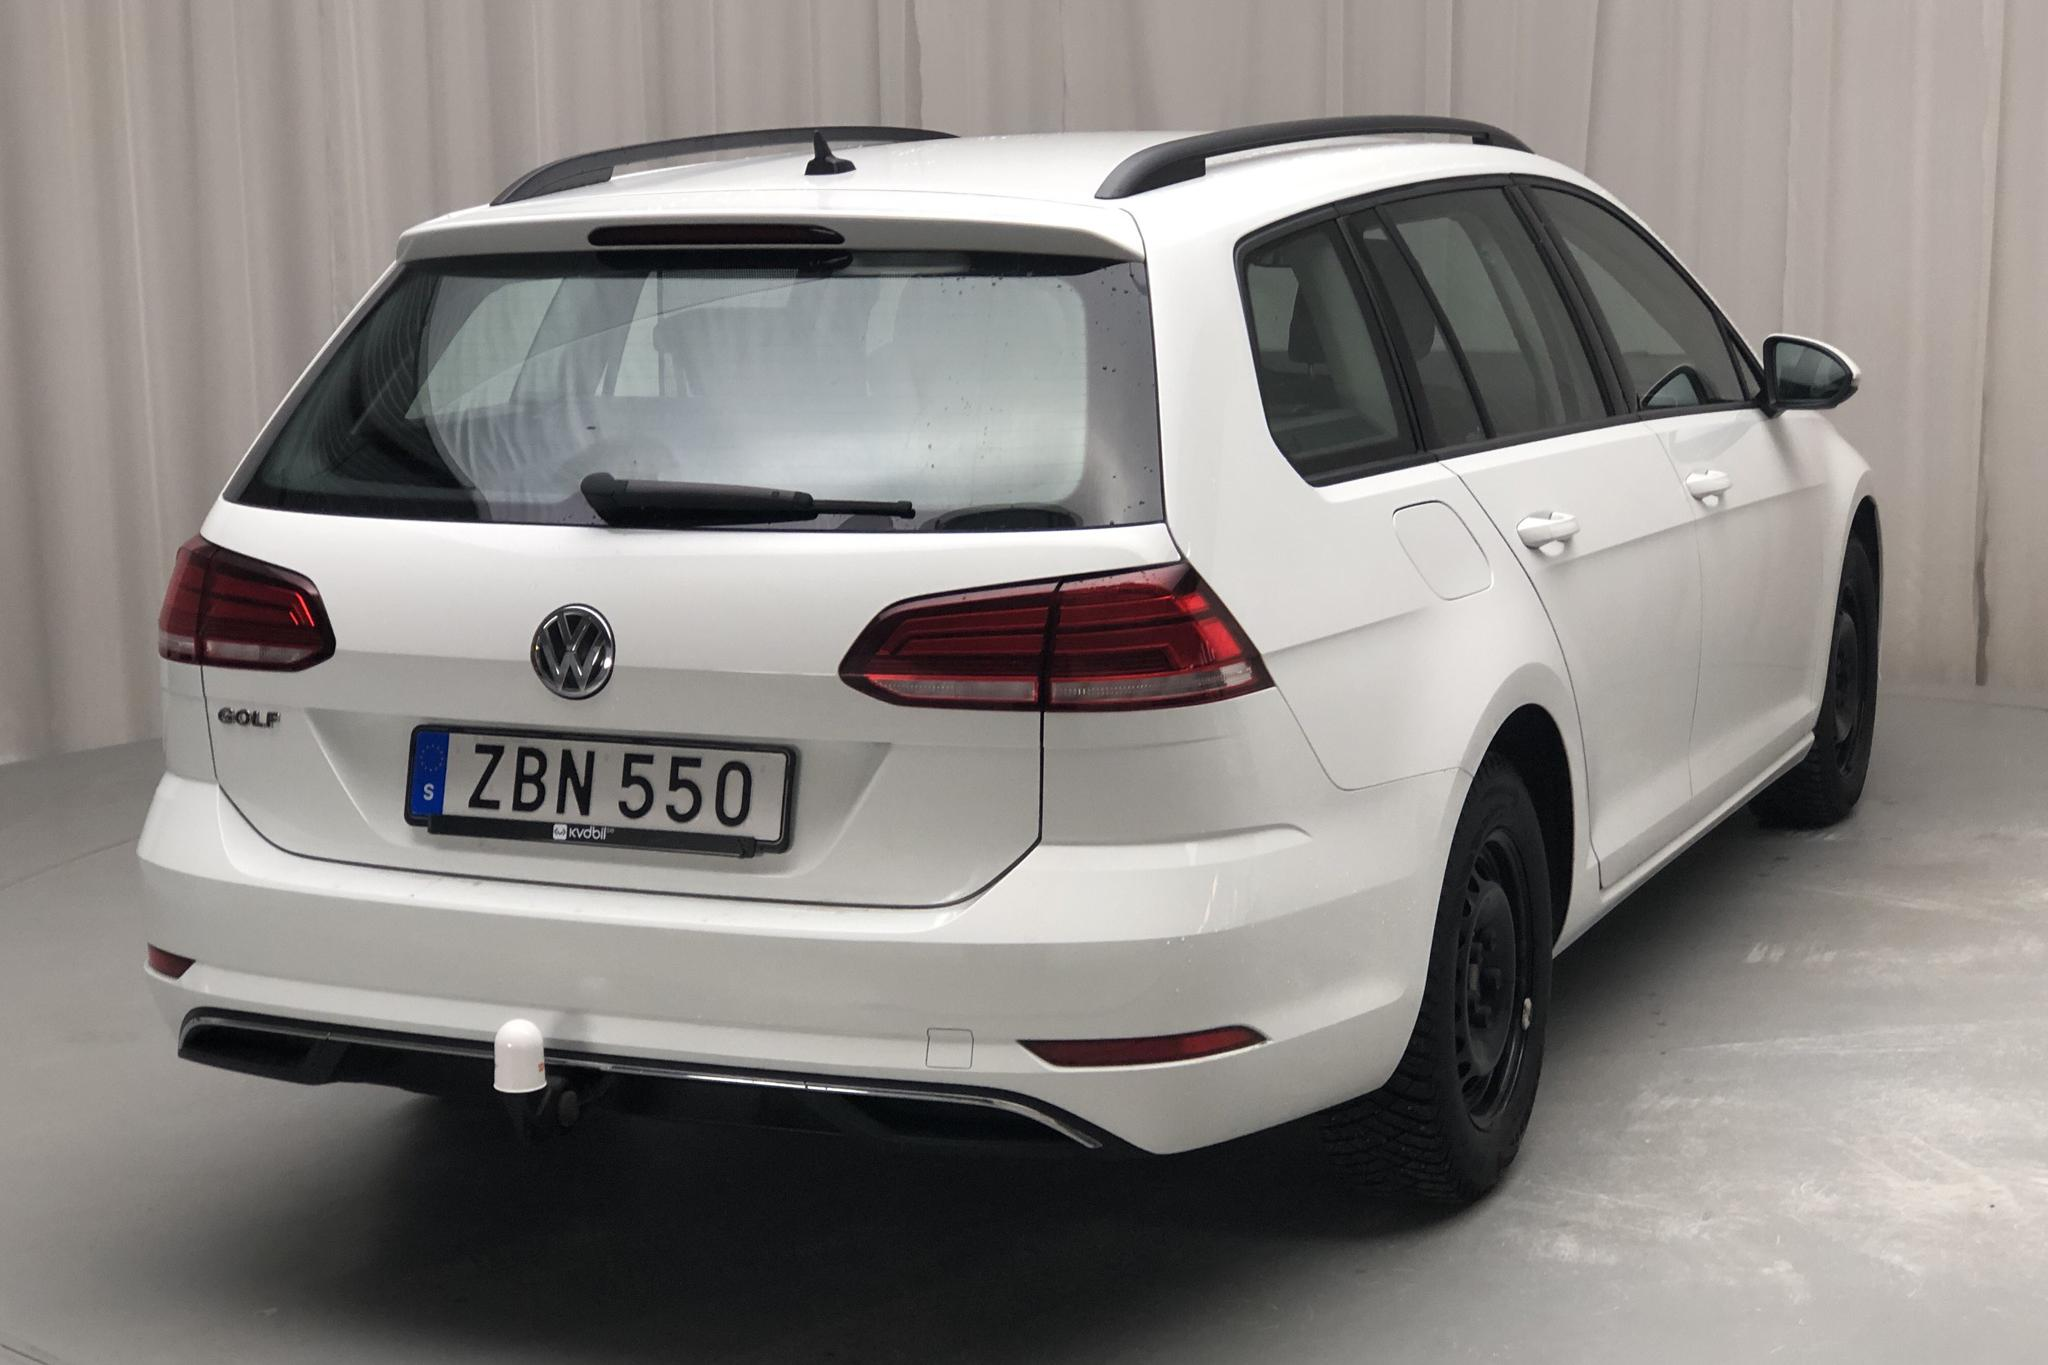 VW Golf VII 1.6 TDI Sportscombi (115hk) - 7 915 mil - Manuell - vit - 2018